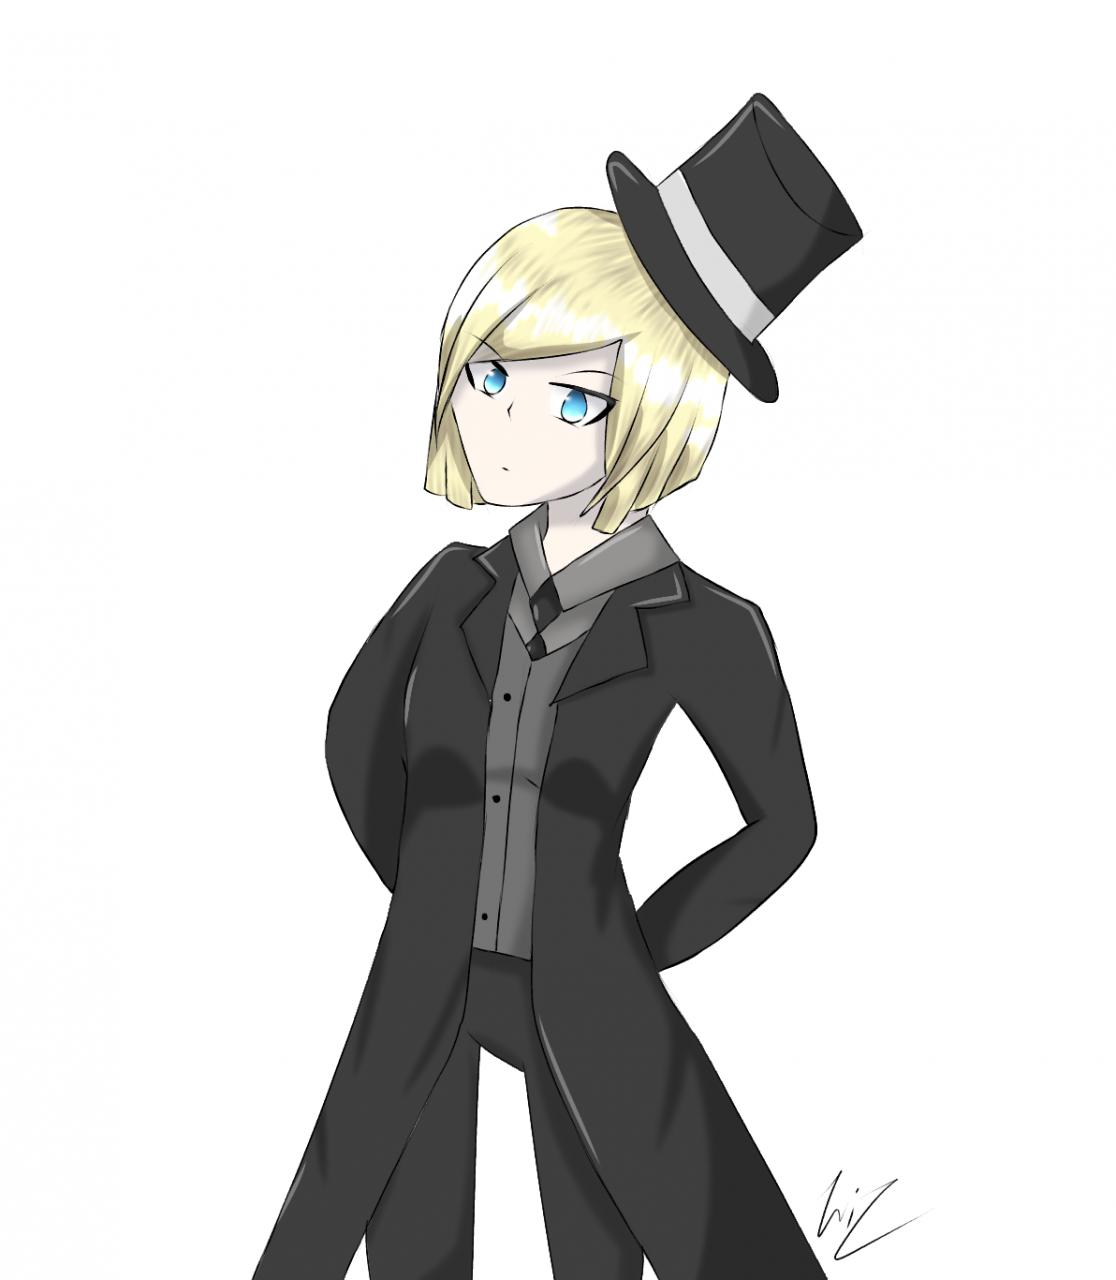 Celestite the Detective (I think)